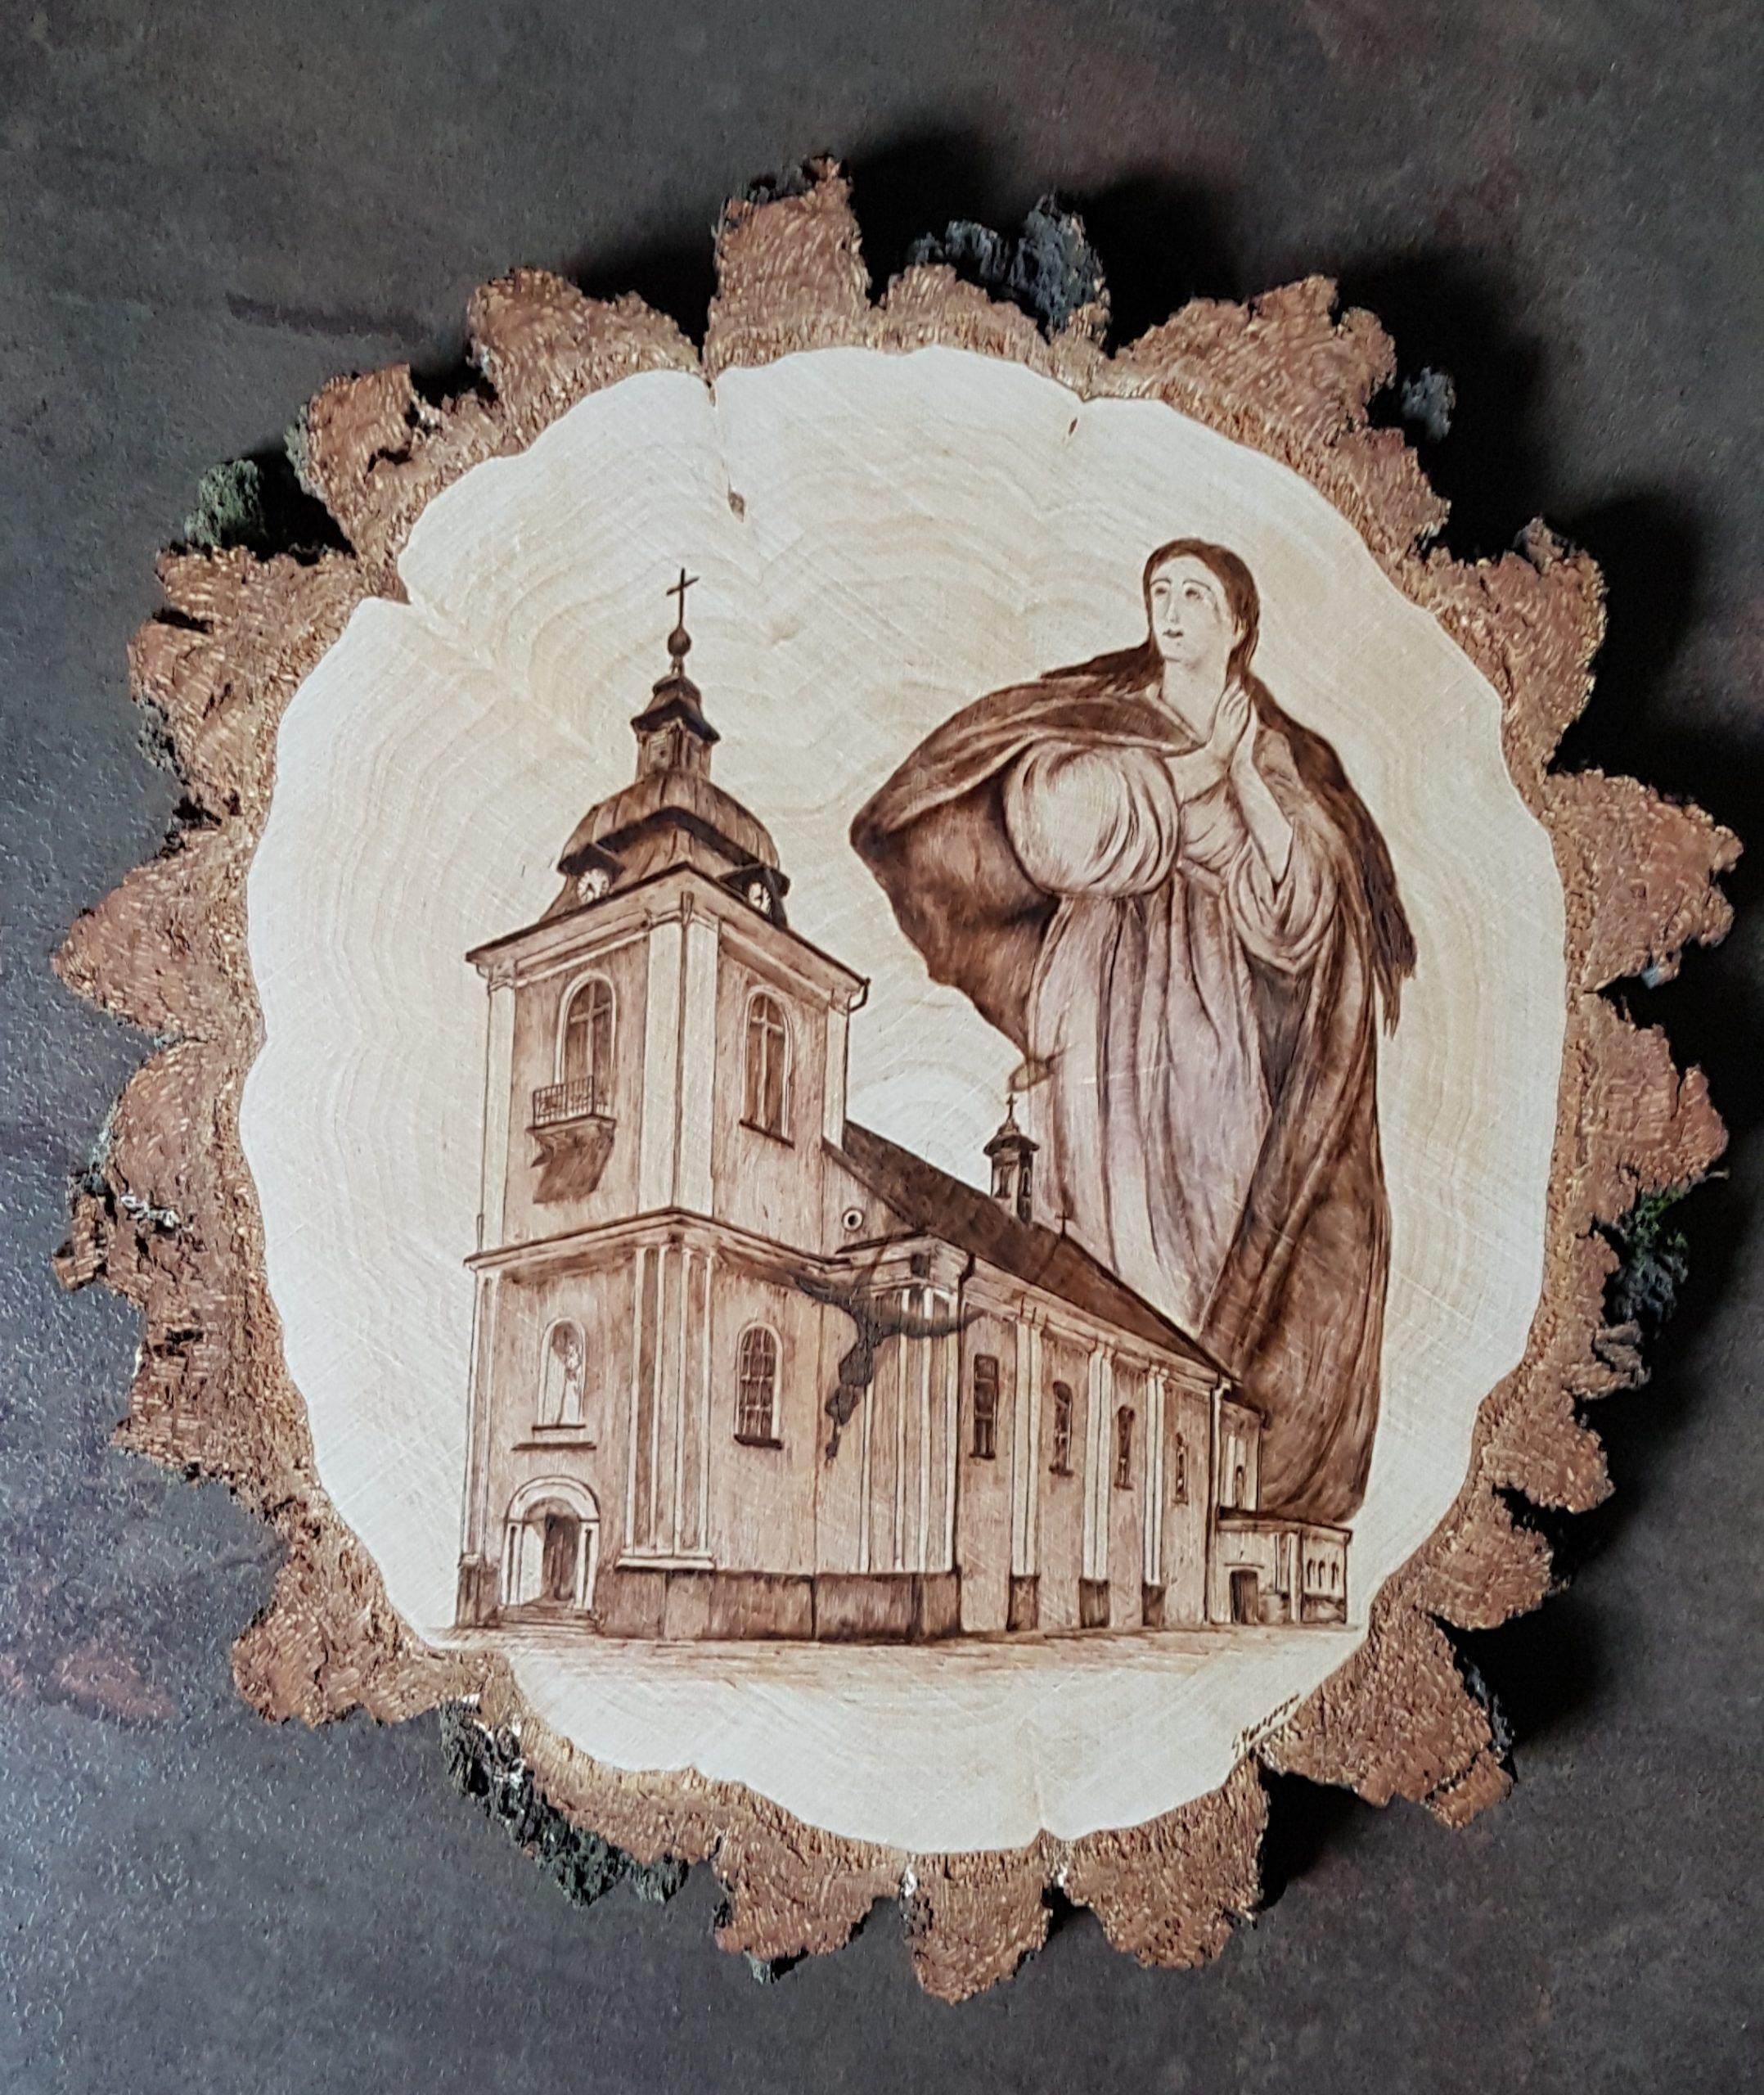 wypalanie w drewnie, sylwia, pirografia, janczyszyn, pyrography, handmade, rękodzieło, pomysł na prezent, pamiątka, kościół